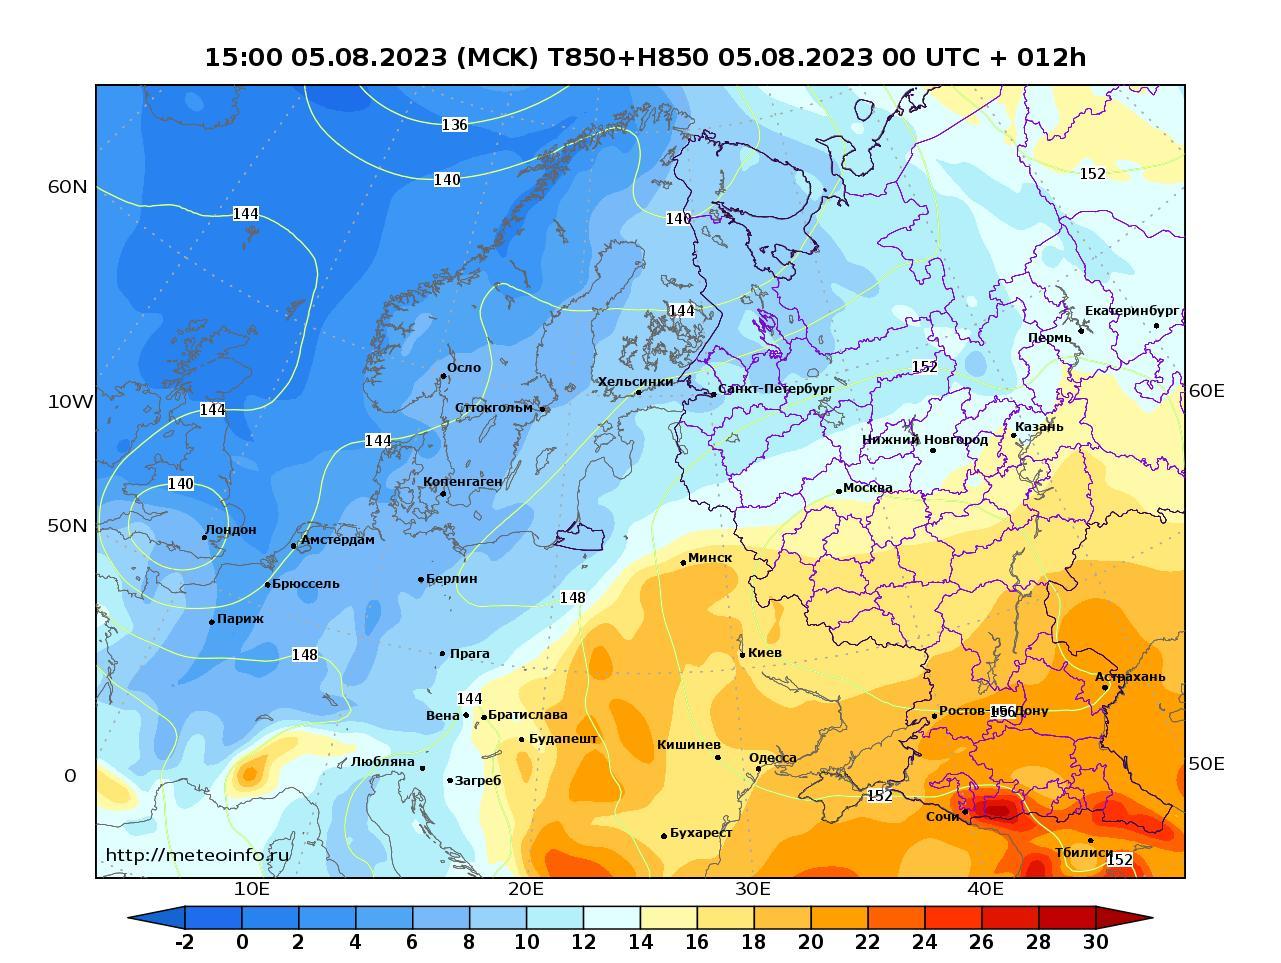 Европейская территория России, прогностическая карта температура T850 и геопотенциал H850, заблаговременность прогноза 12 часов